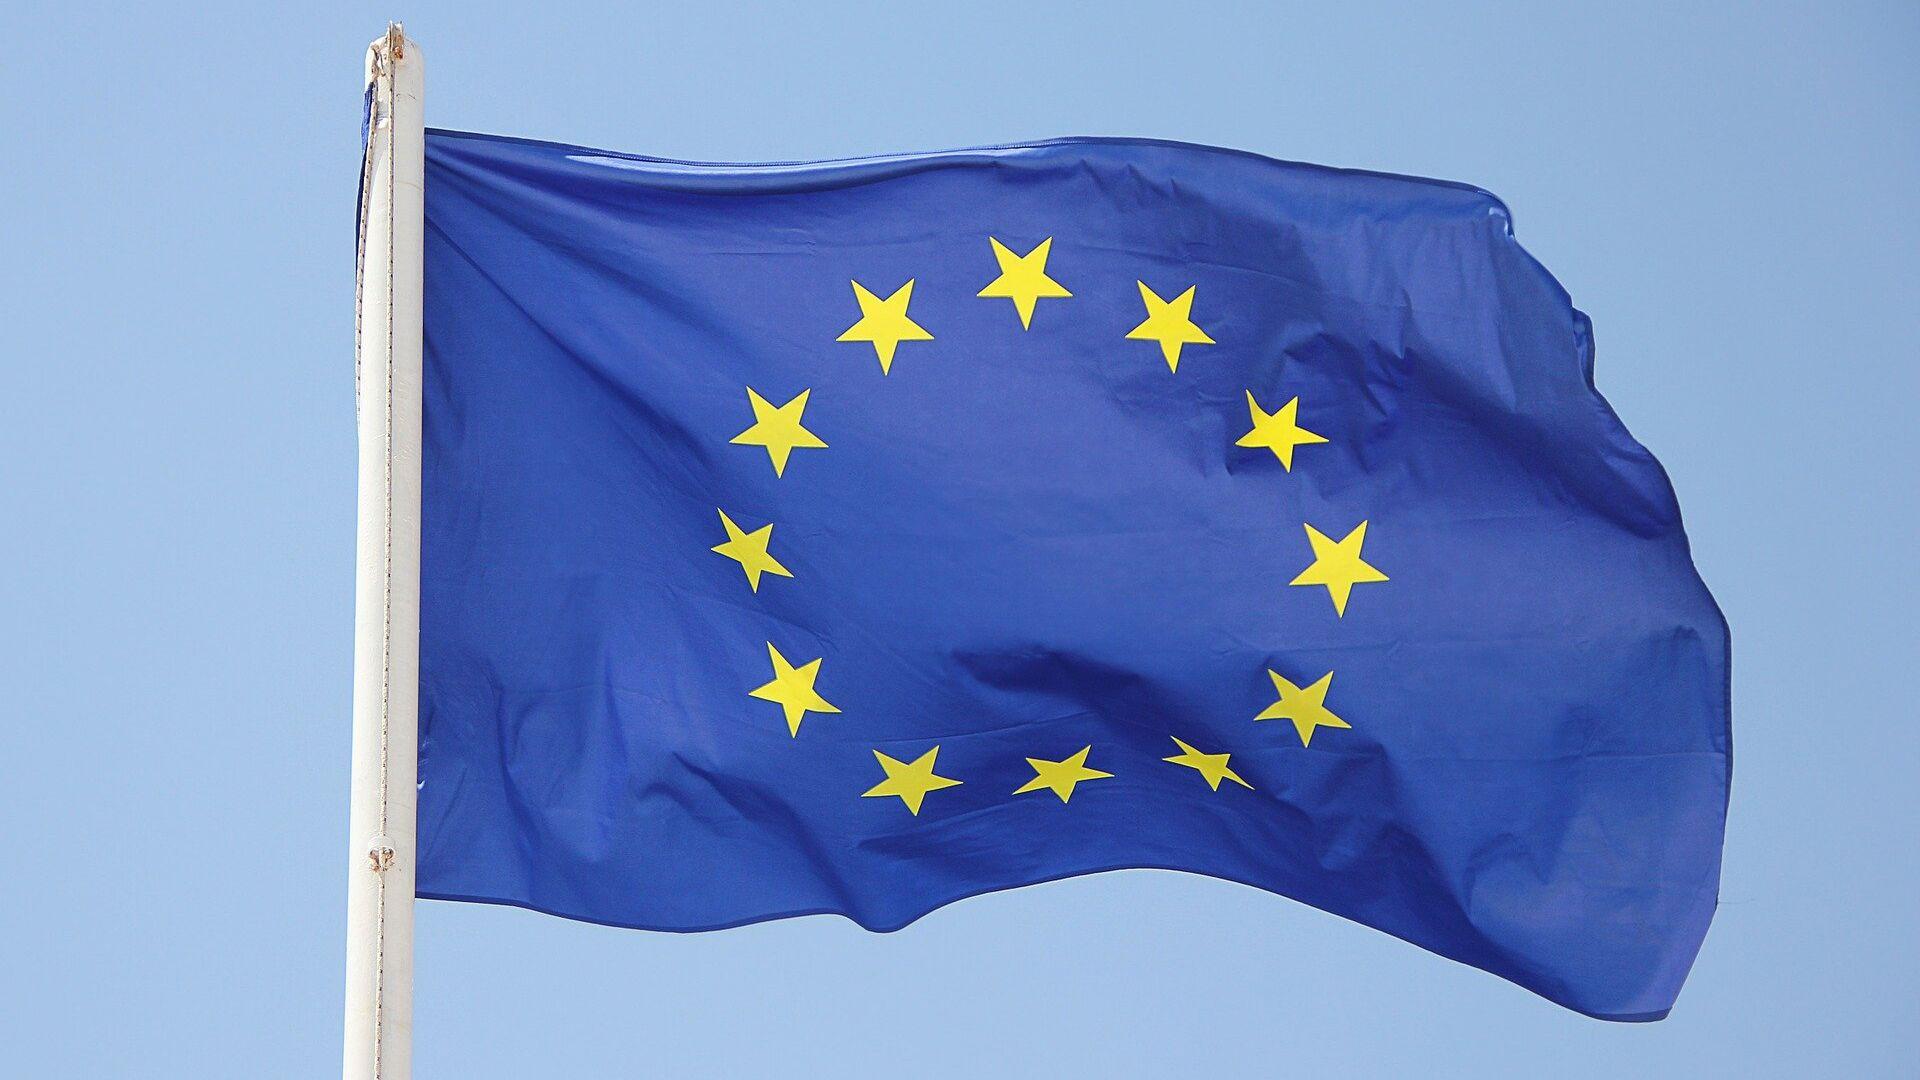 Bandera de la UE - Sputnik Mundo, 1920, 15.02.2021